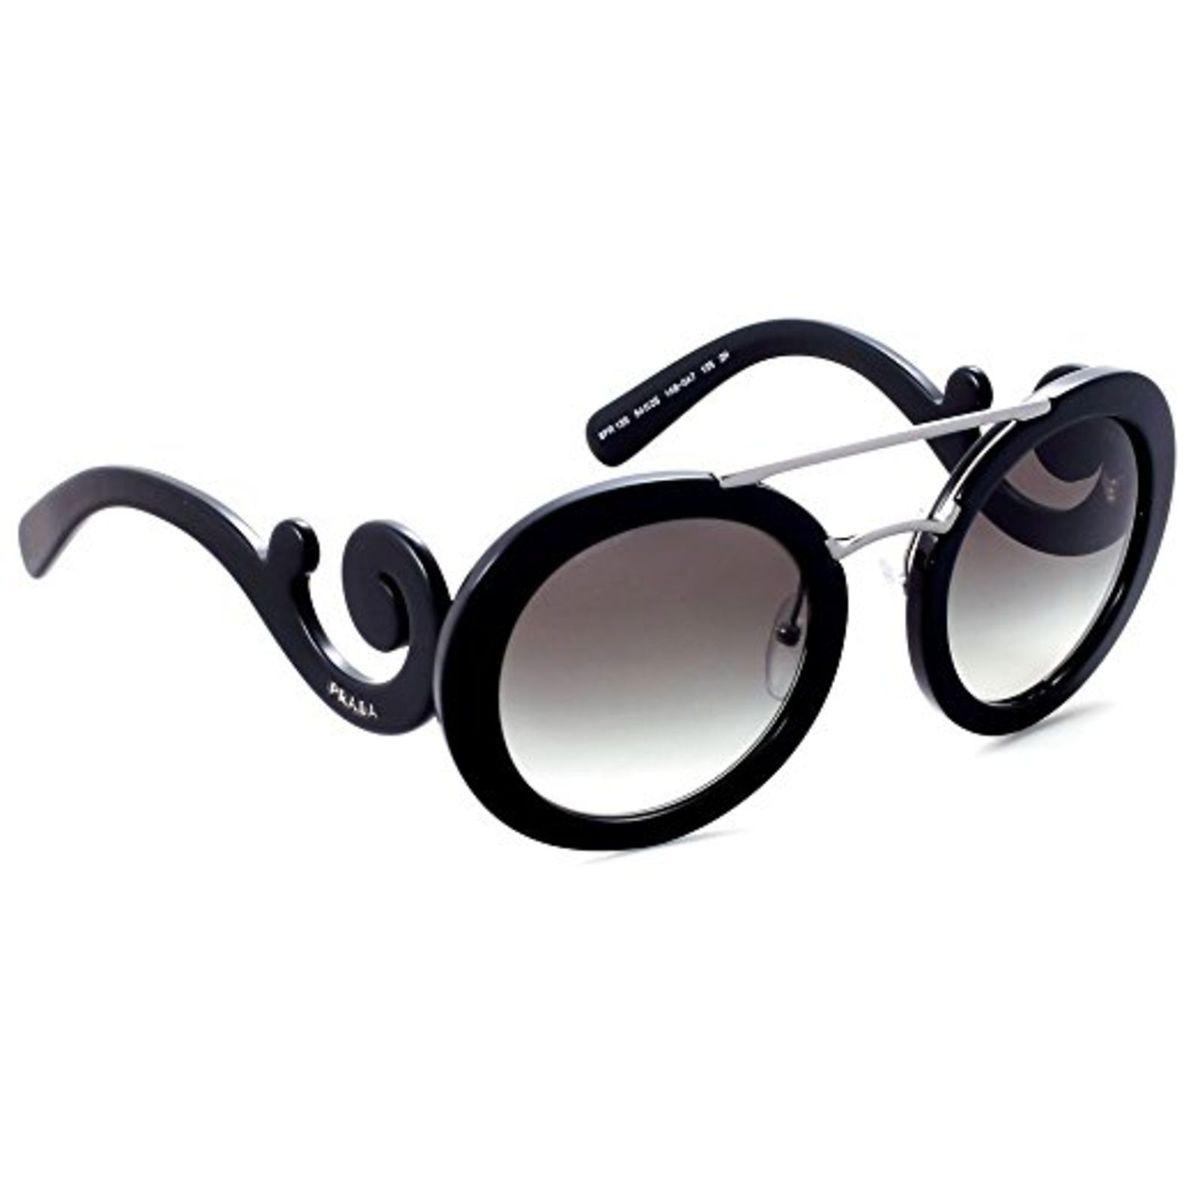 fb385e36b Óculos Prada Baroque Evolution Preto | Óculos Feminino Prada Nunca Usado  20089272 | enjoei